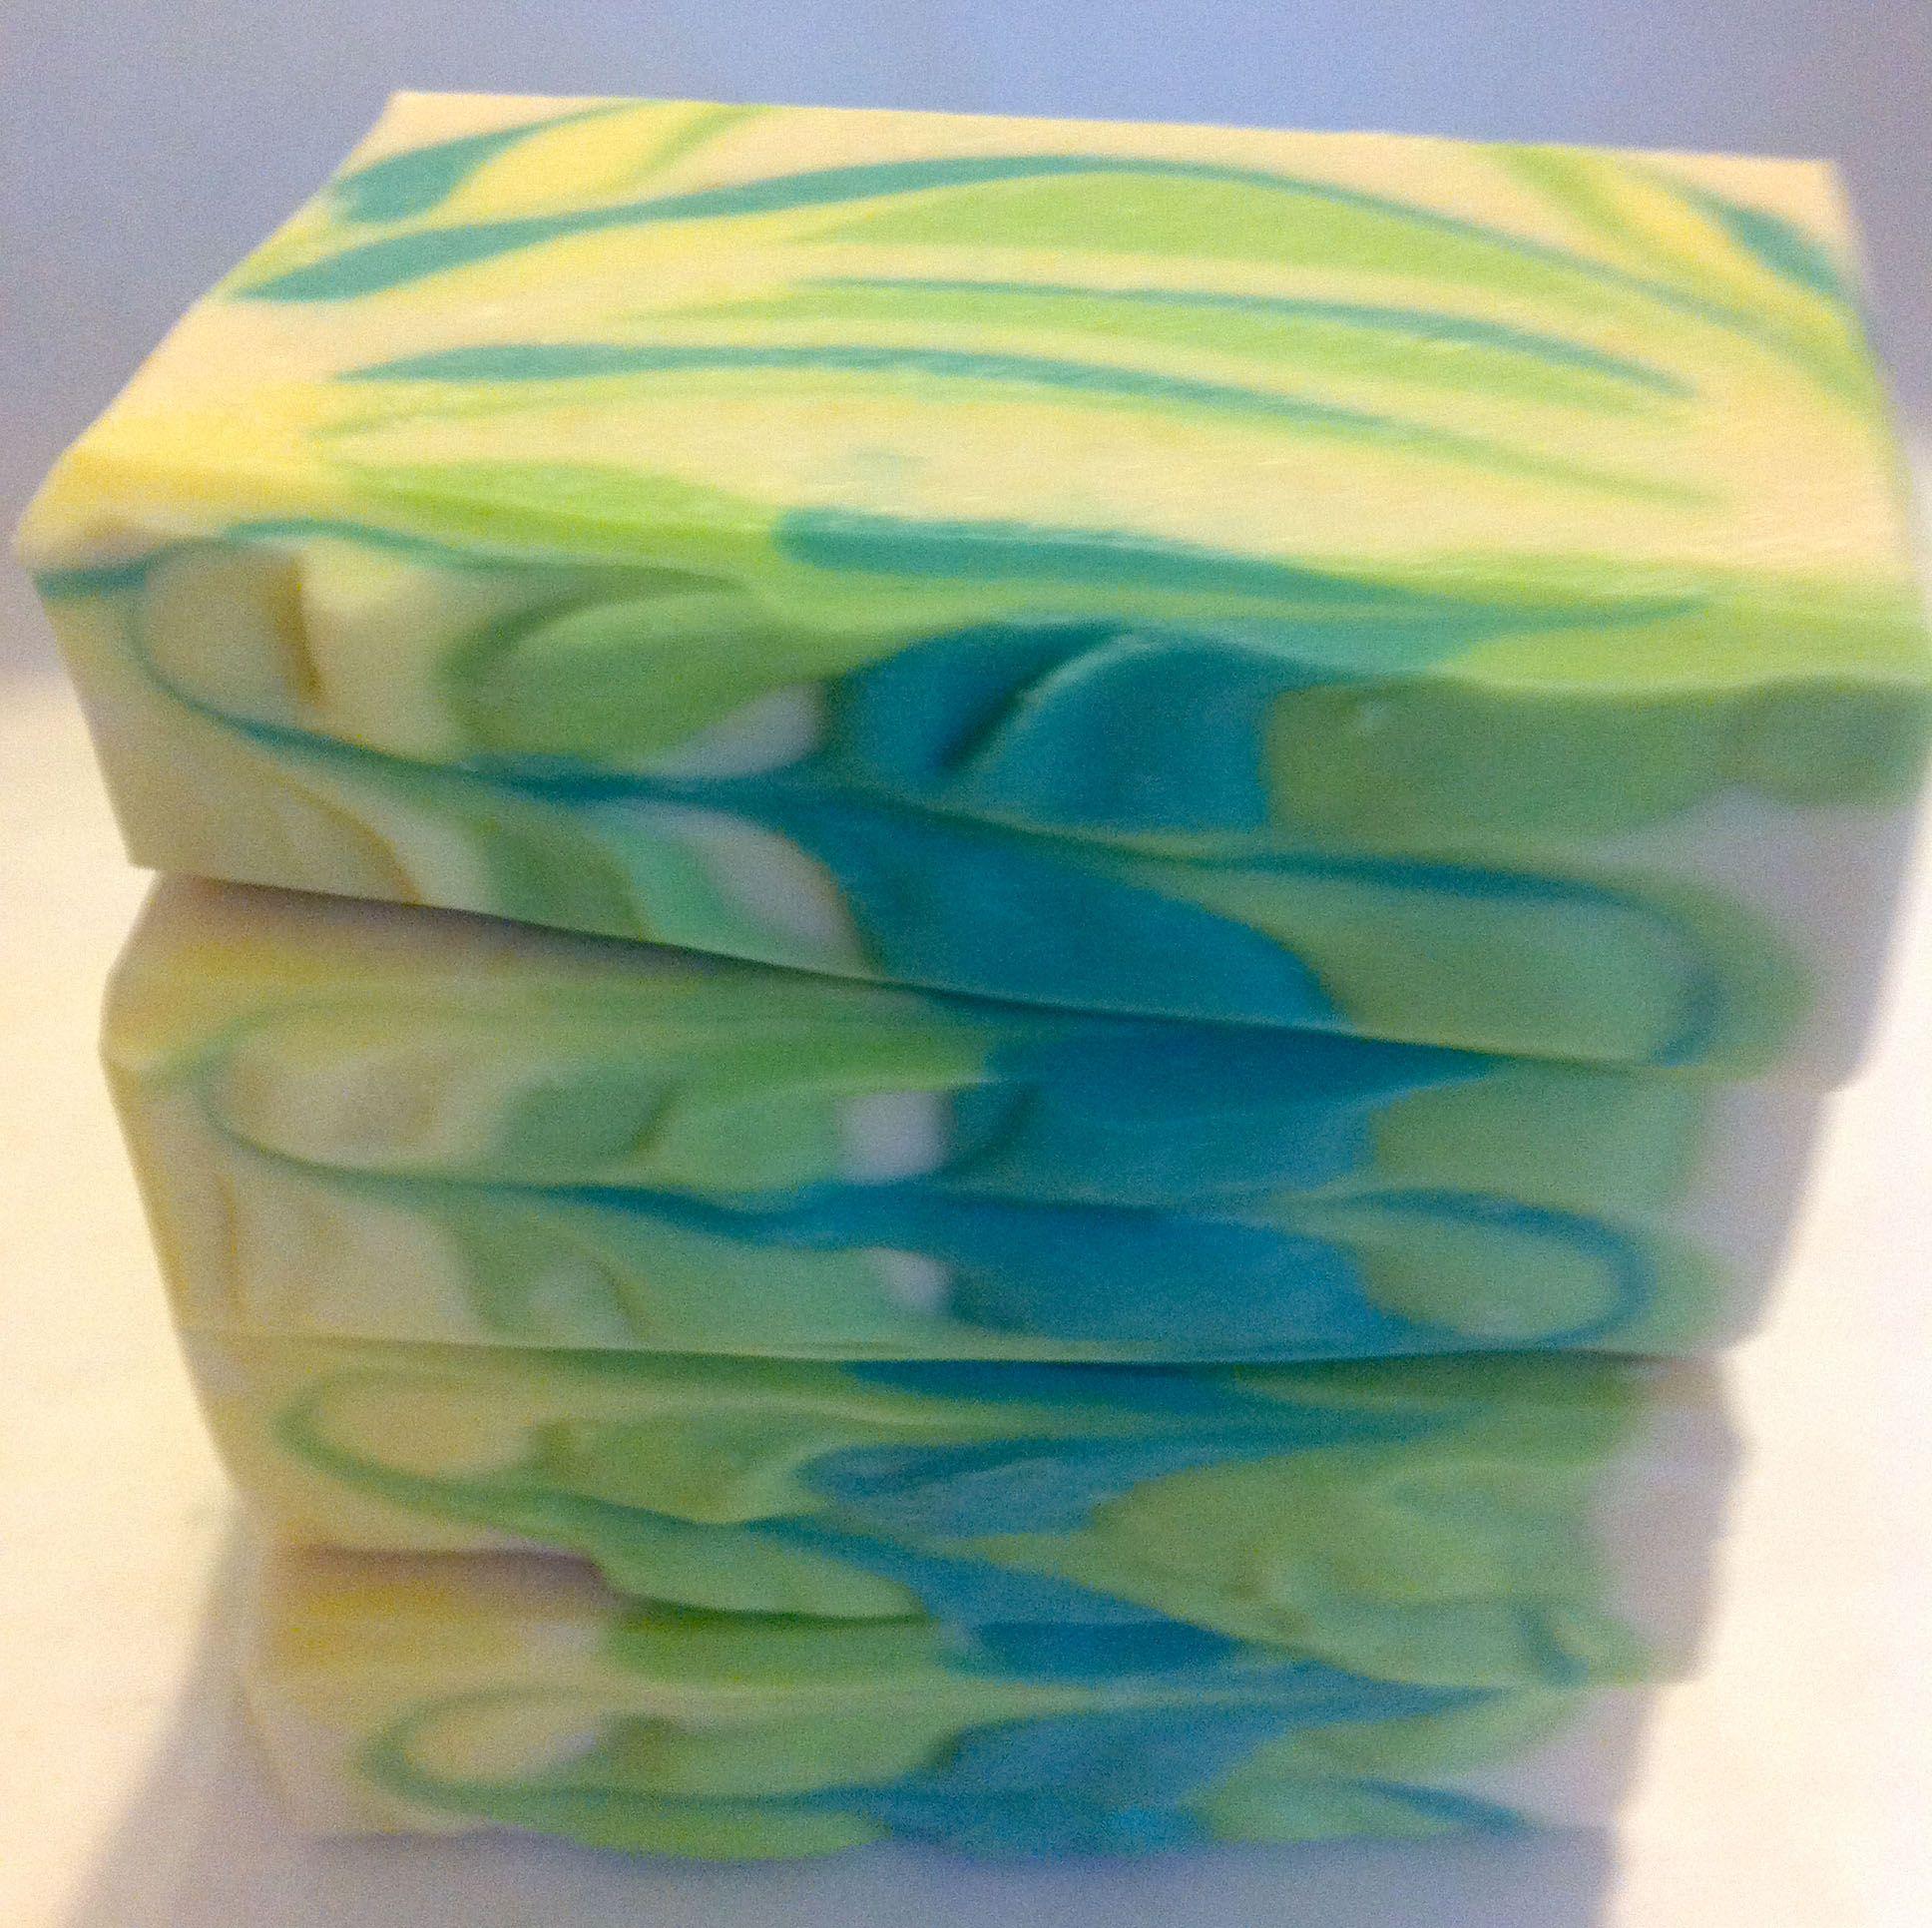 spearminy lavender soap | lavender spearmint | New England Handmade Artisan Soaps